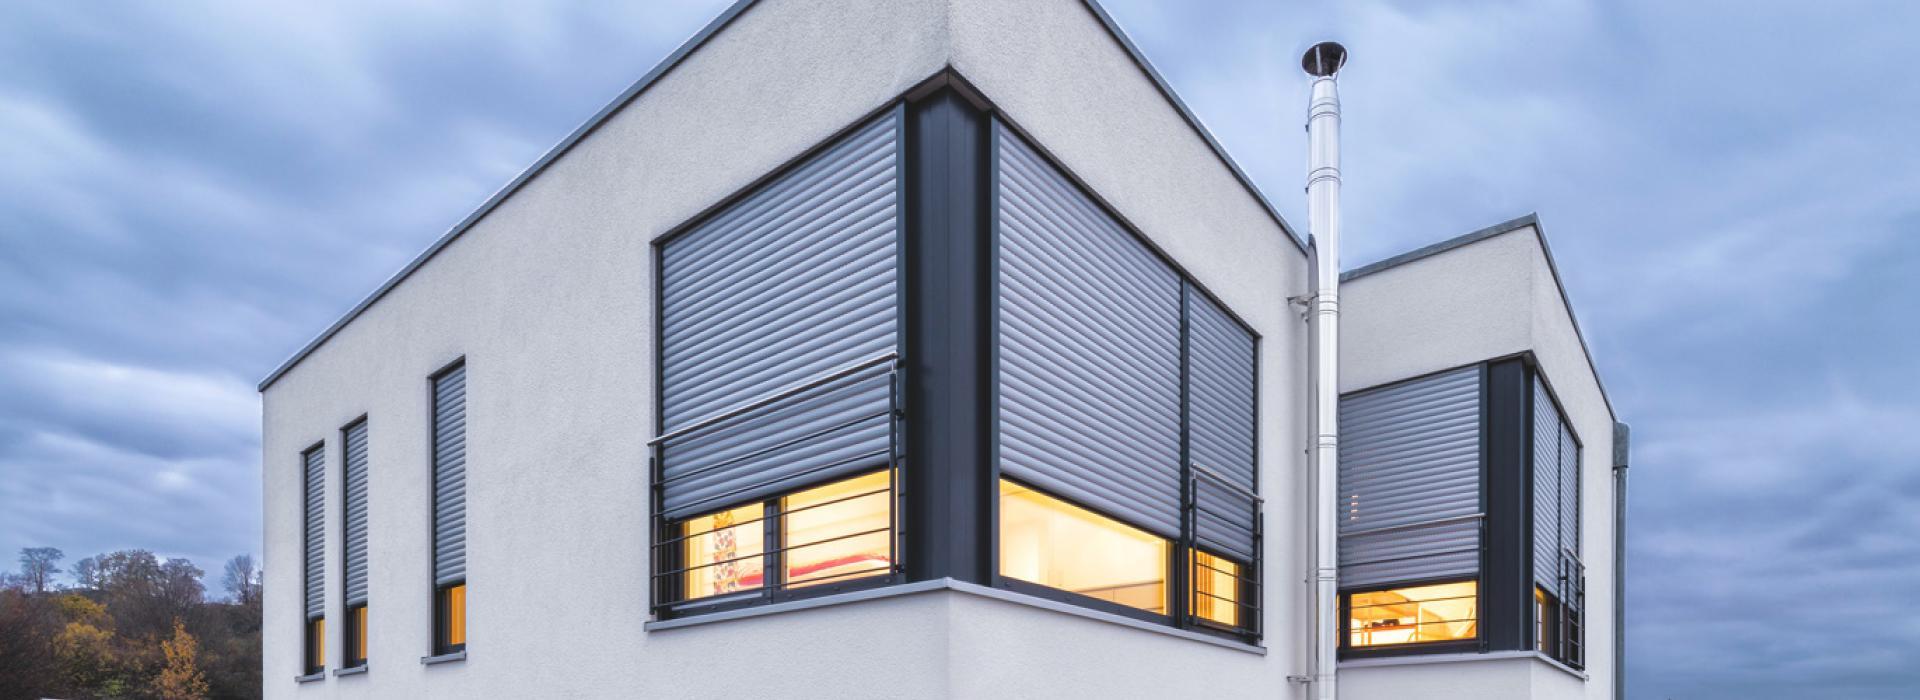 sonnenschutz tischlerei sauer in leverkusen. Black Bedroom Furniture Sets. Home Design Ideas